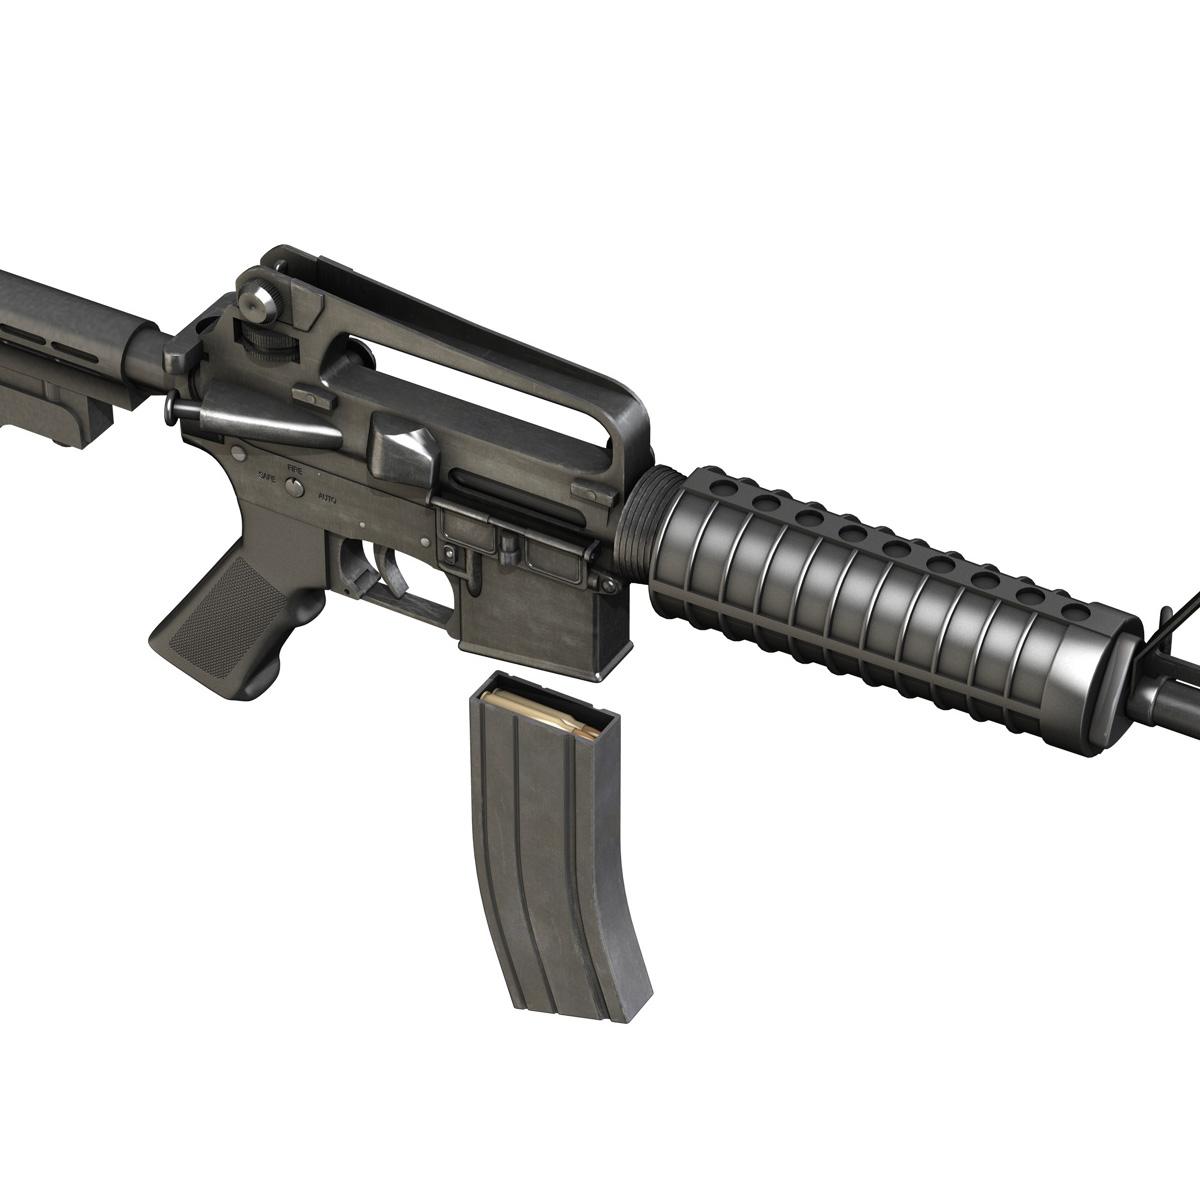 colt m4 commando assault rifle 3d model 3ds fbx c4d lwo obj 187501